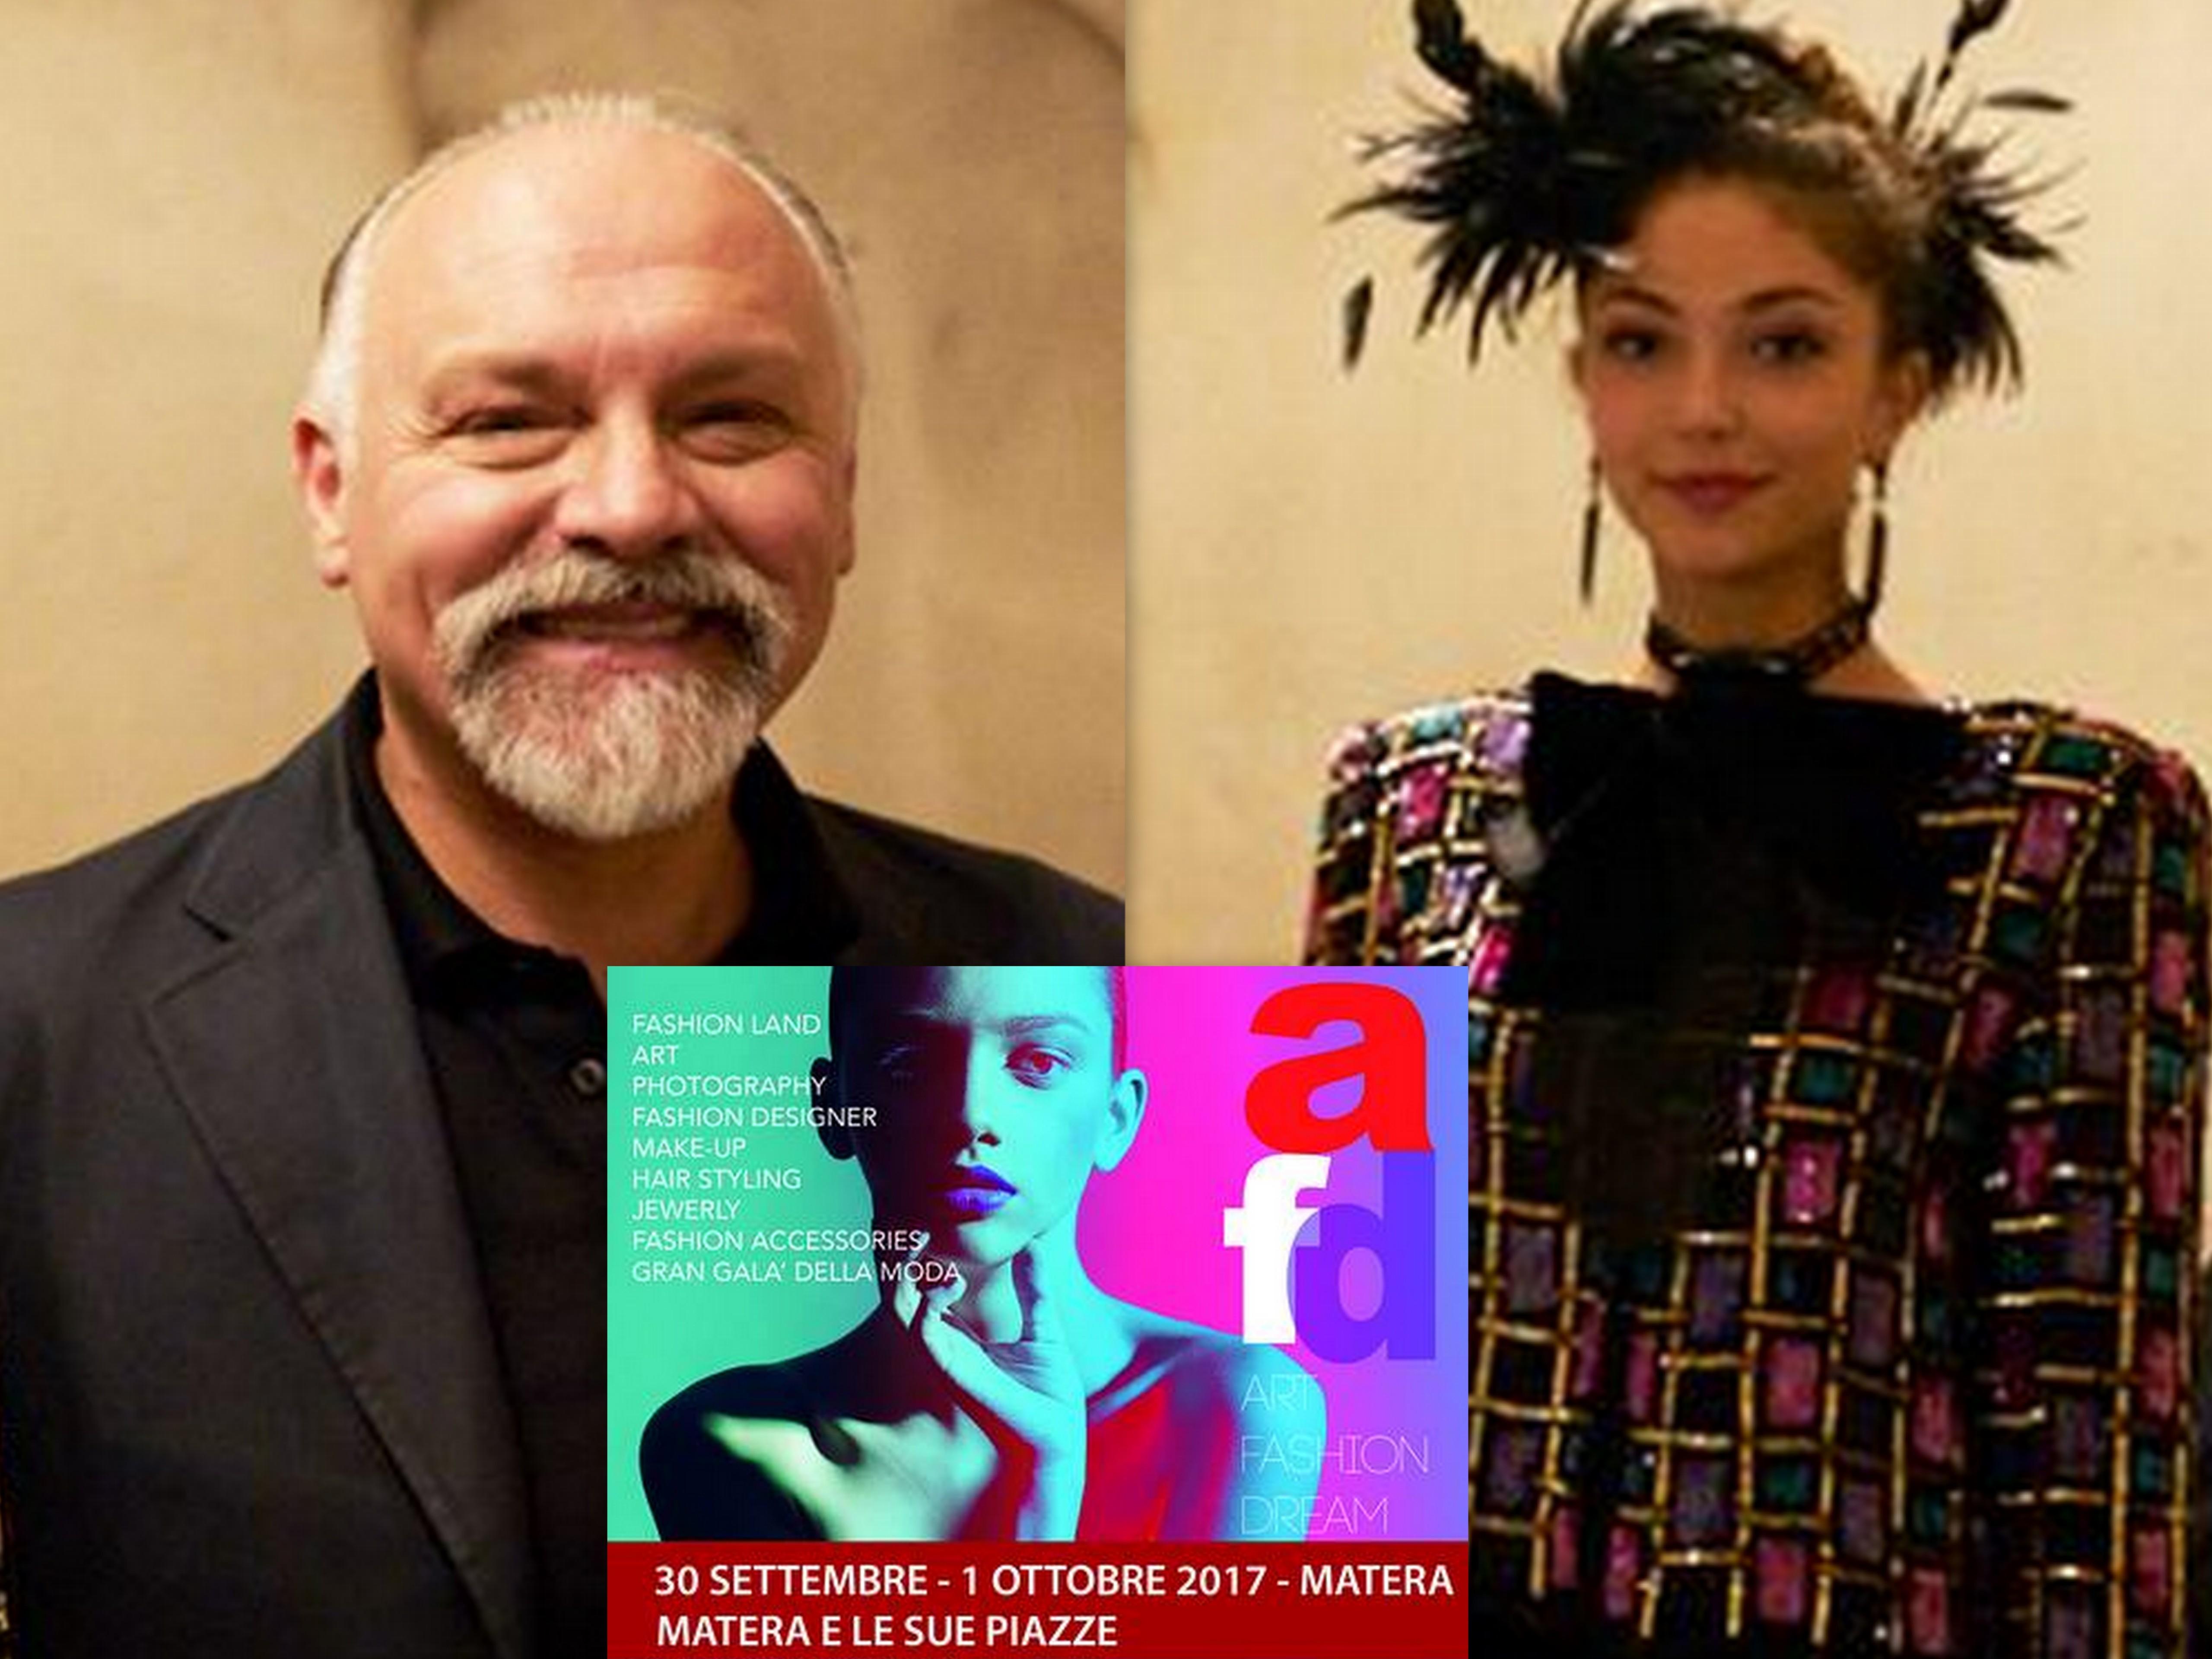 Roberta Molinini, indossa un prezioso abito realizzato da Roberto Guarducci